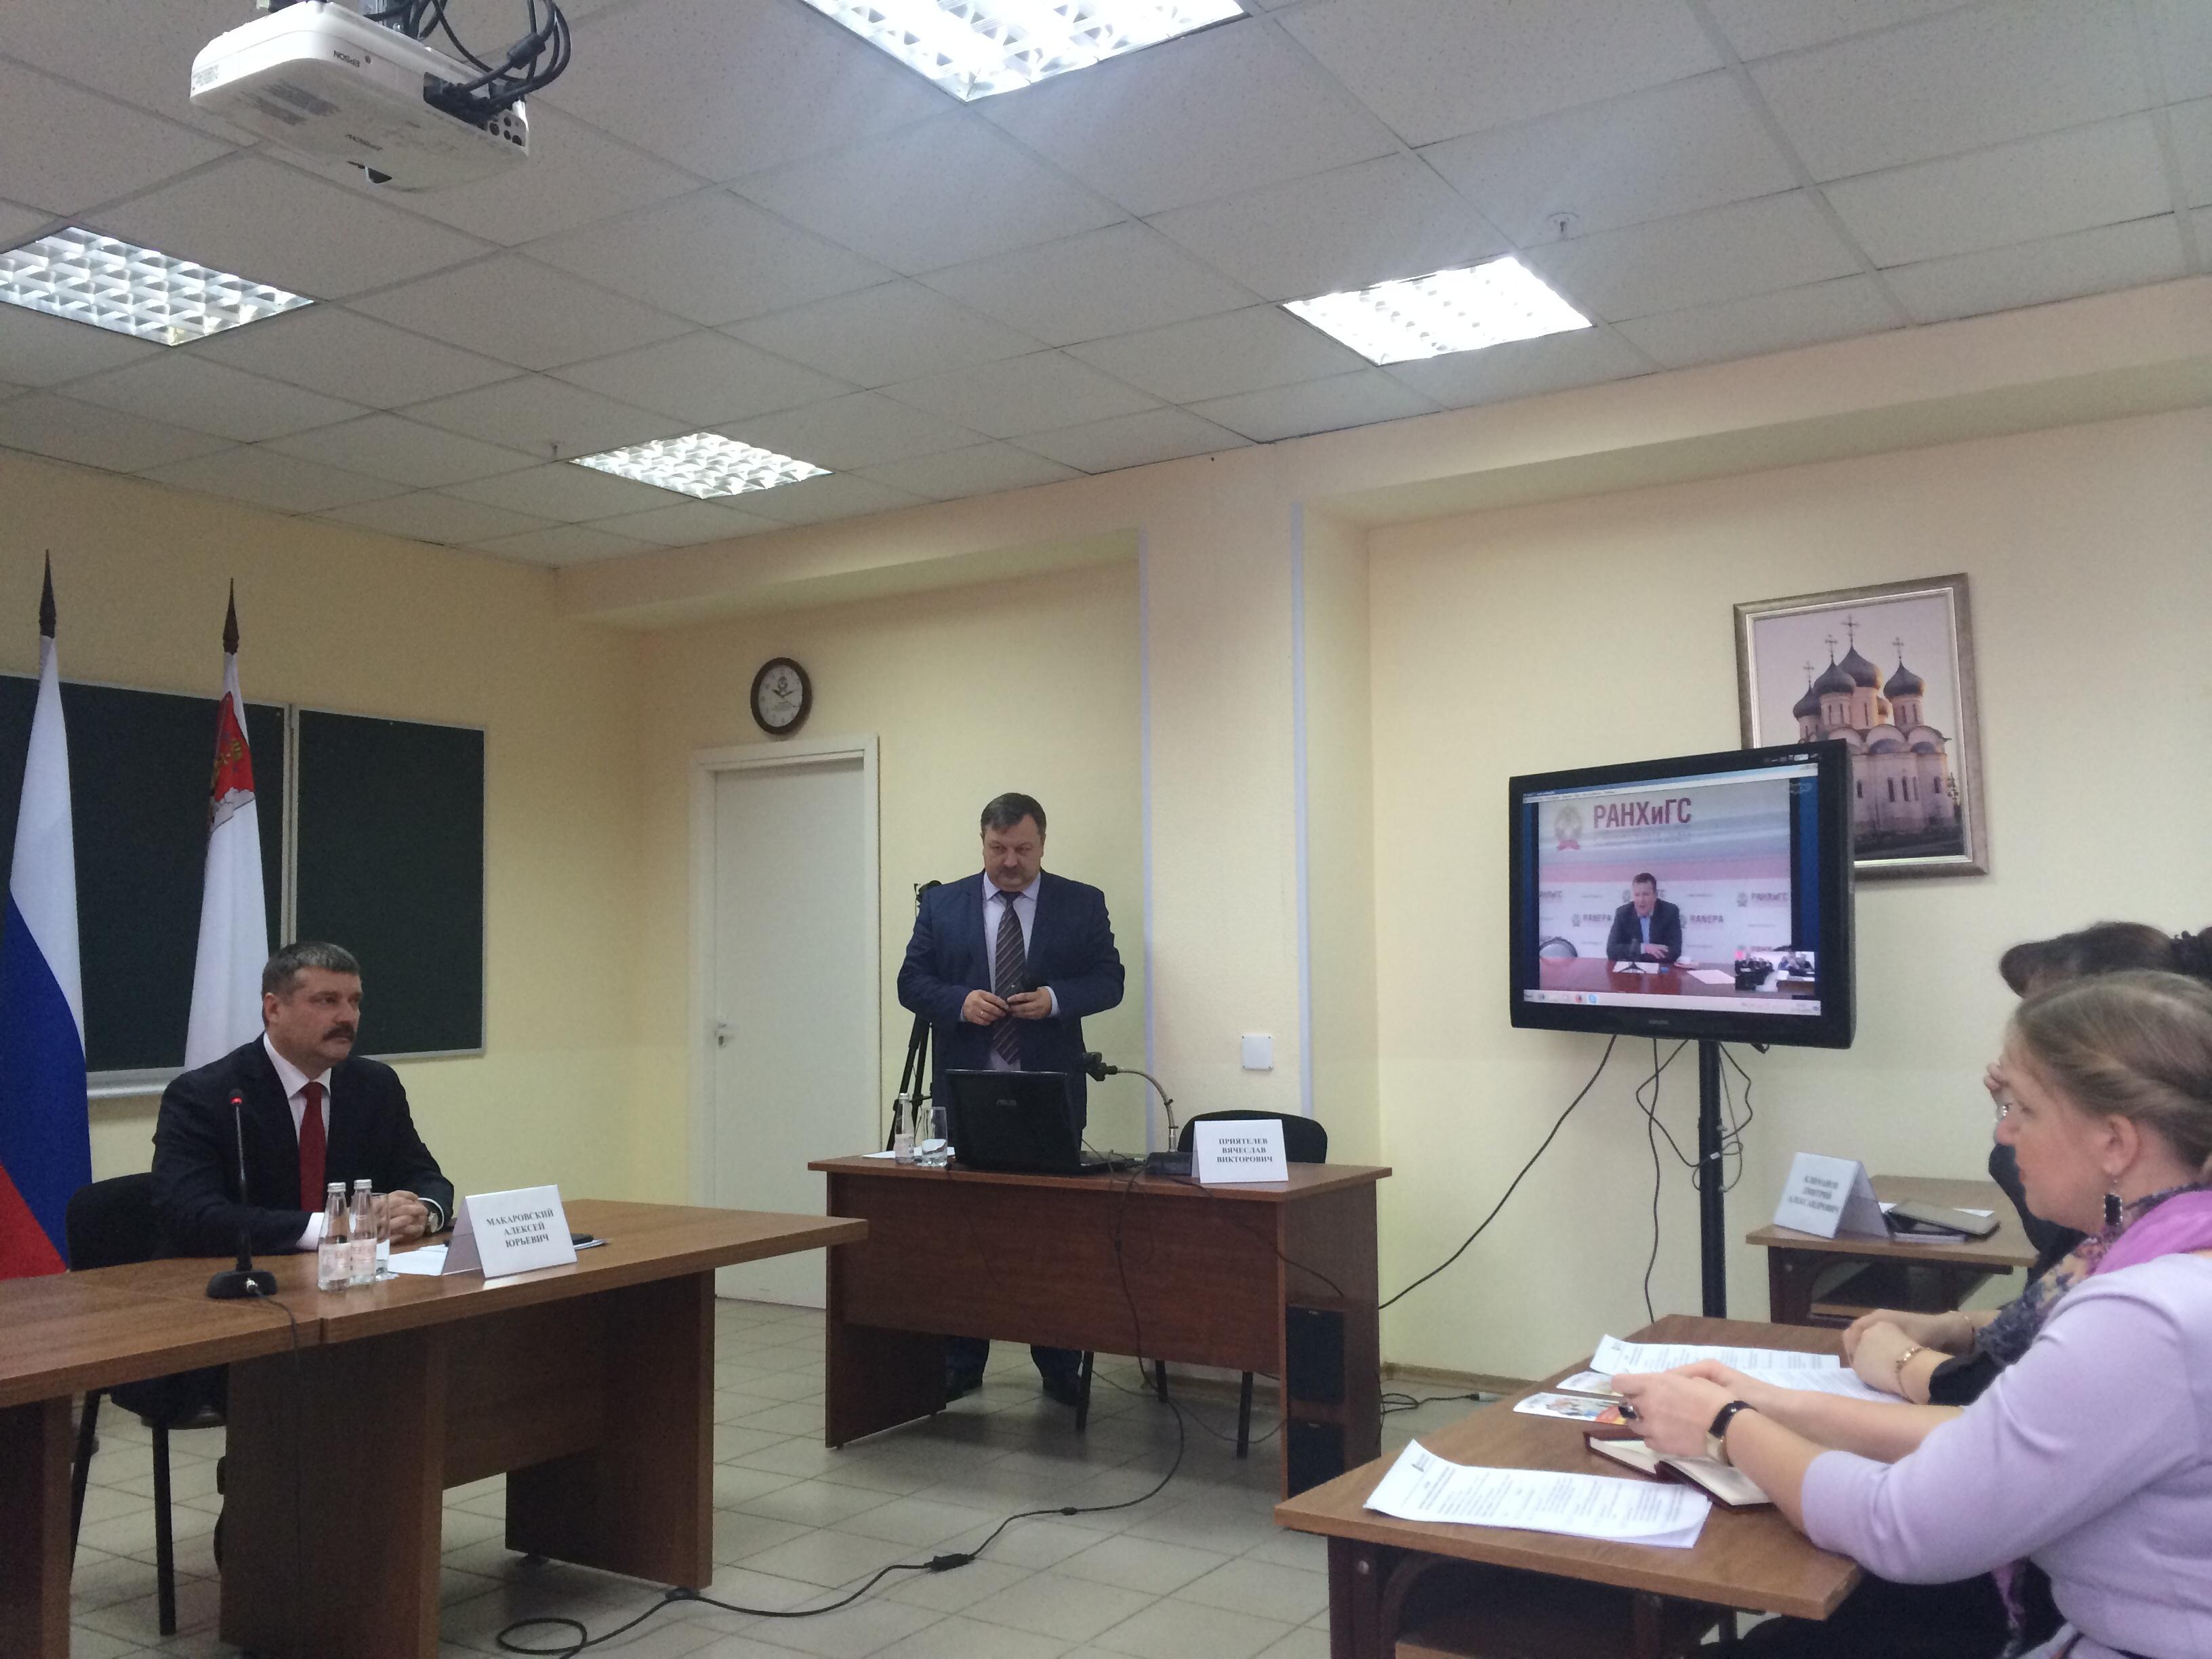 Программа по подготовке руководителей муниципальных образований стартовала в Вологодской области «Команда губернатора: муниципальный уровень» #4